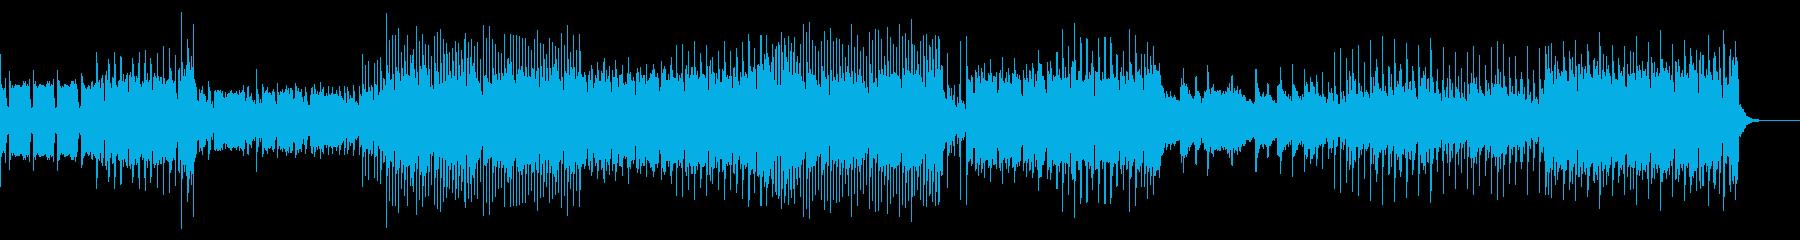 リズム・ゲーム/EDM風インストの再生済みの波形